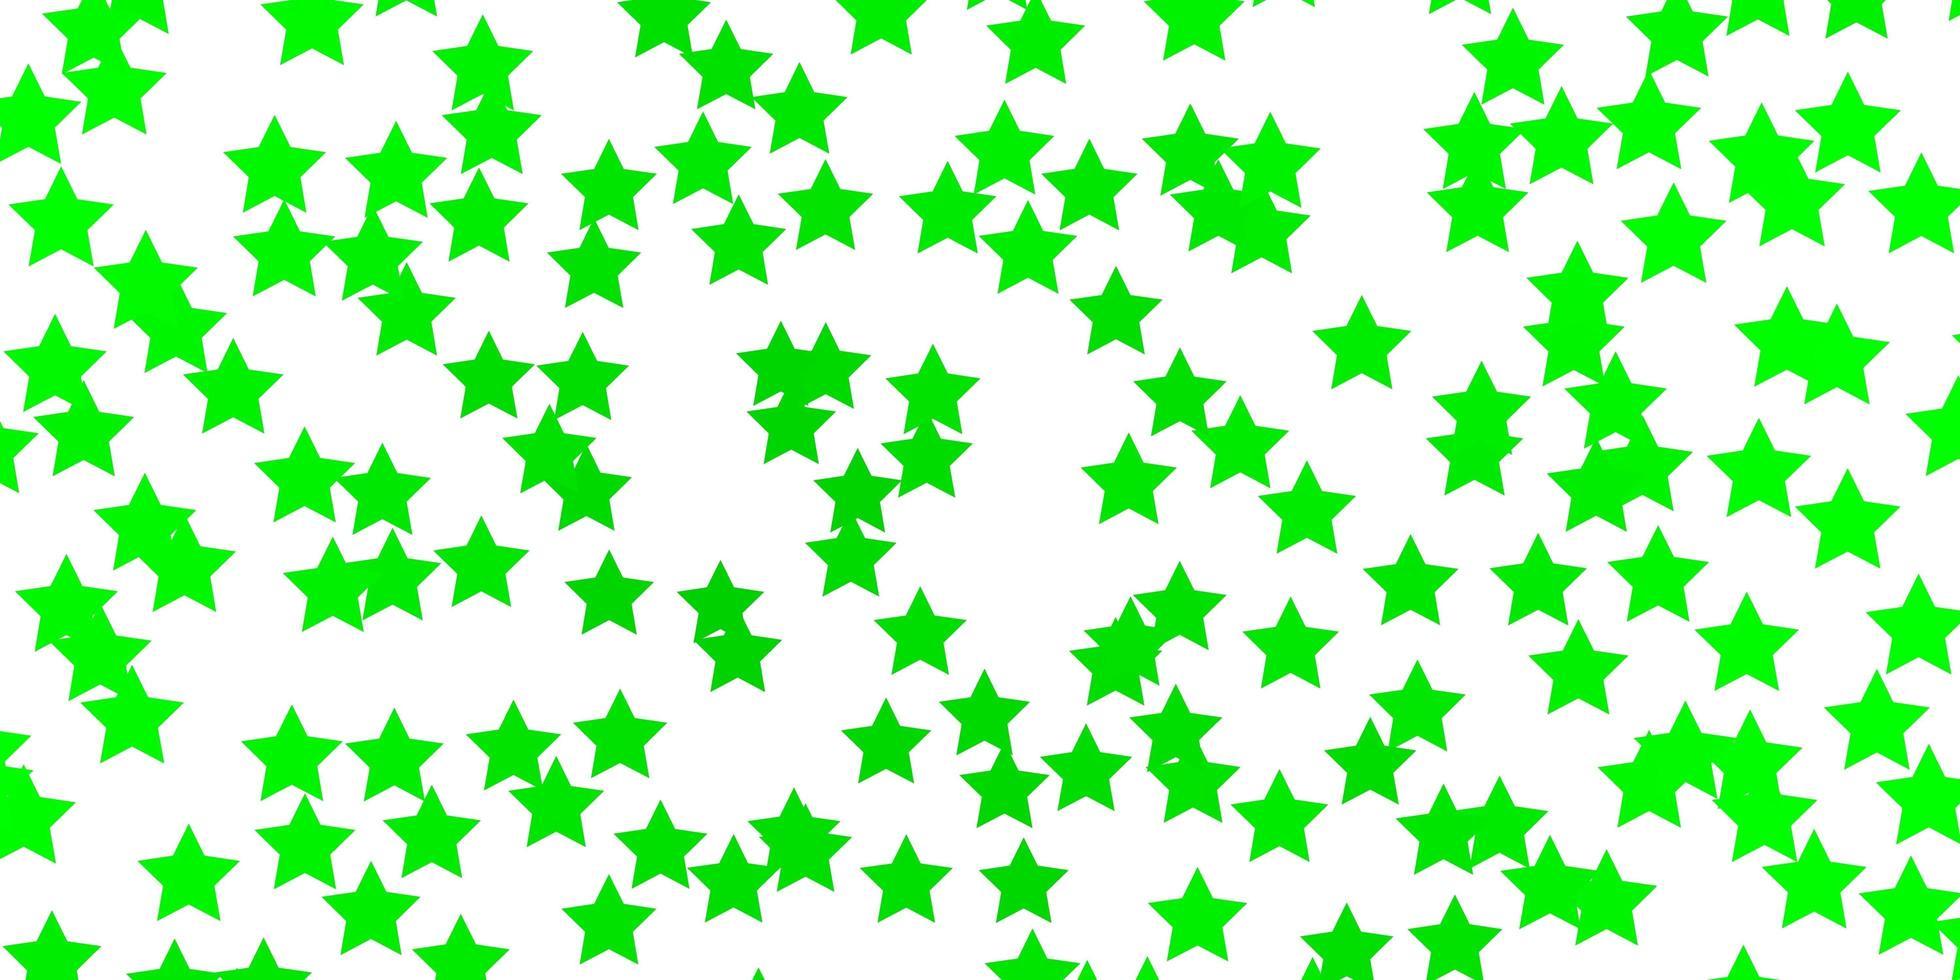 sfondo verde chiaro con piccole e grandi stelle. vettore